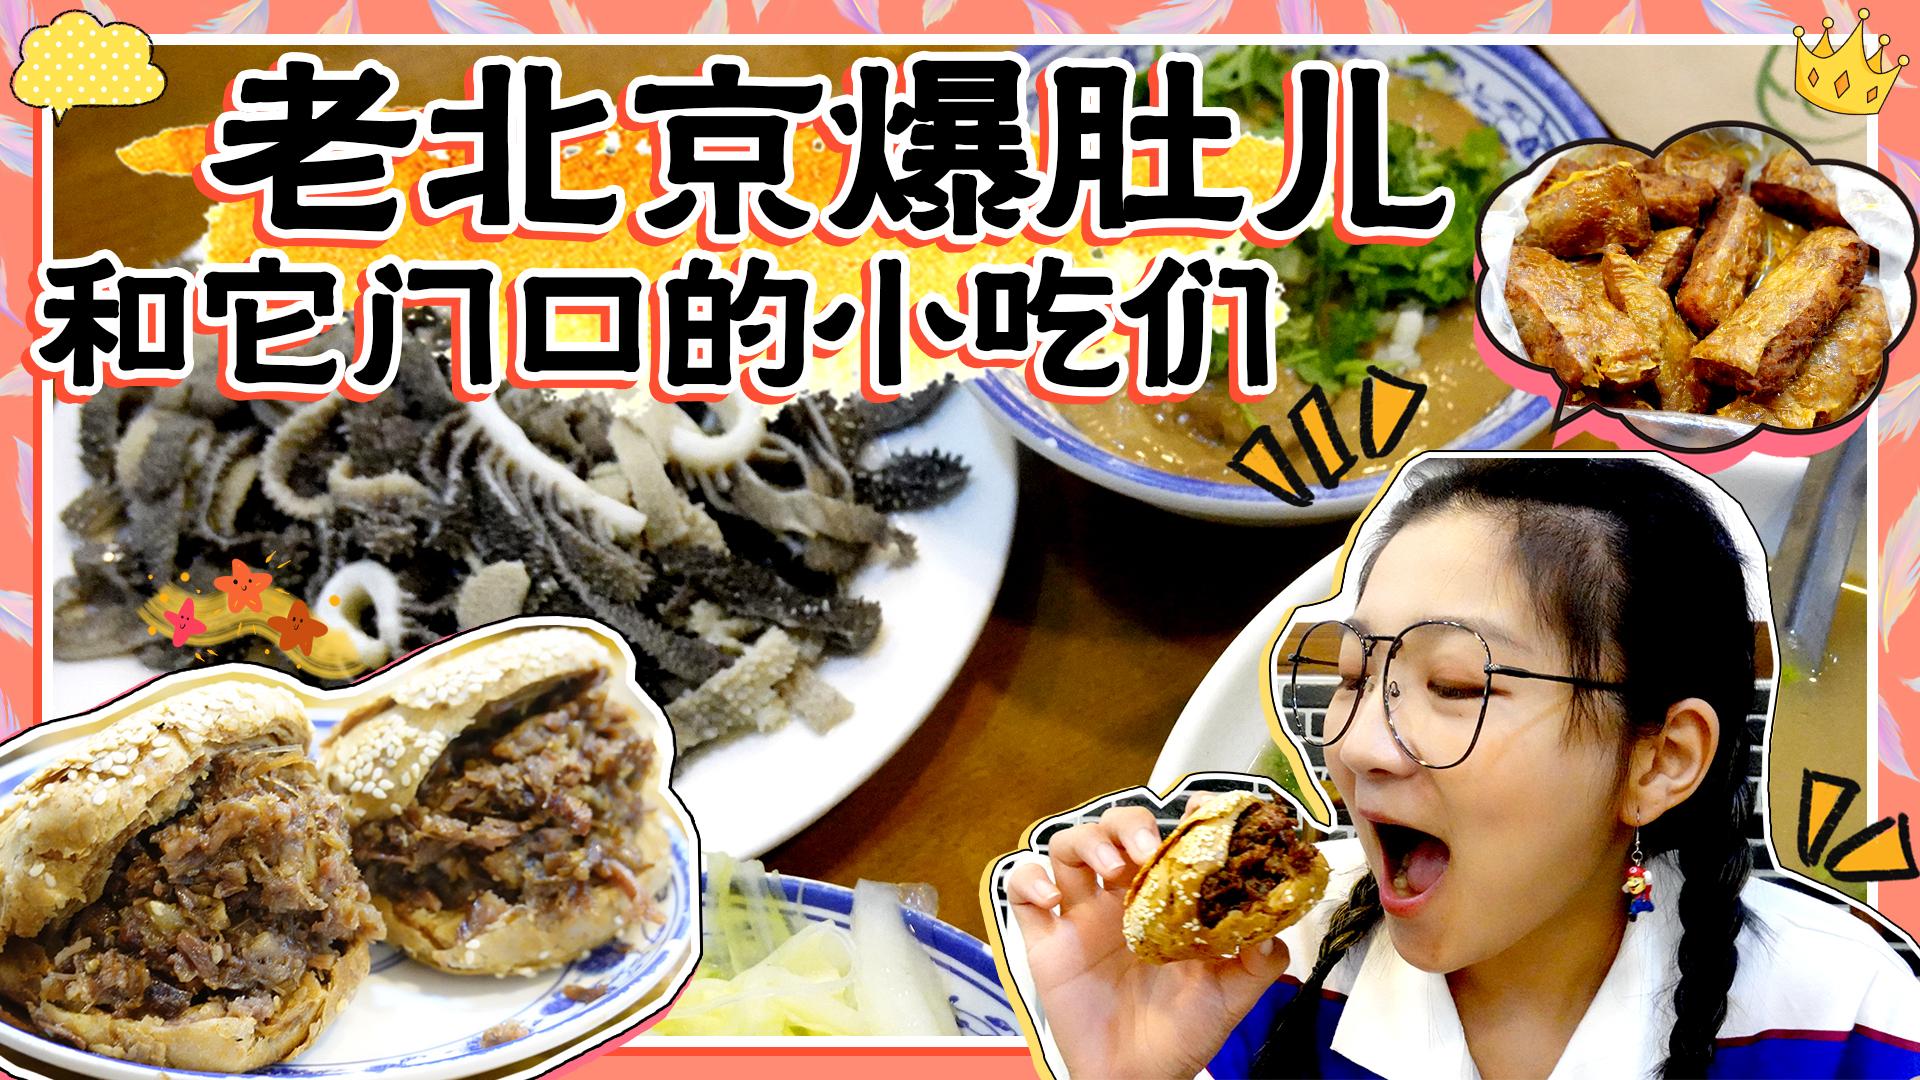 【逛吃北京】老字号爆肚,烧饼夹肉一绝!1块5的糖火烧更惊喜